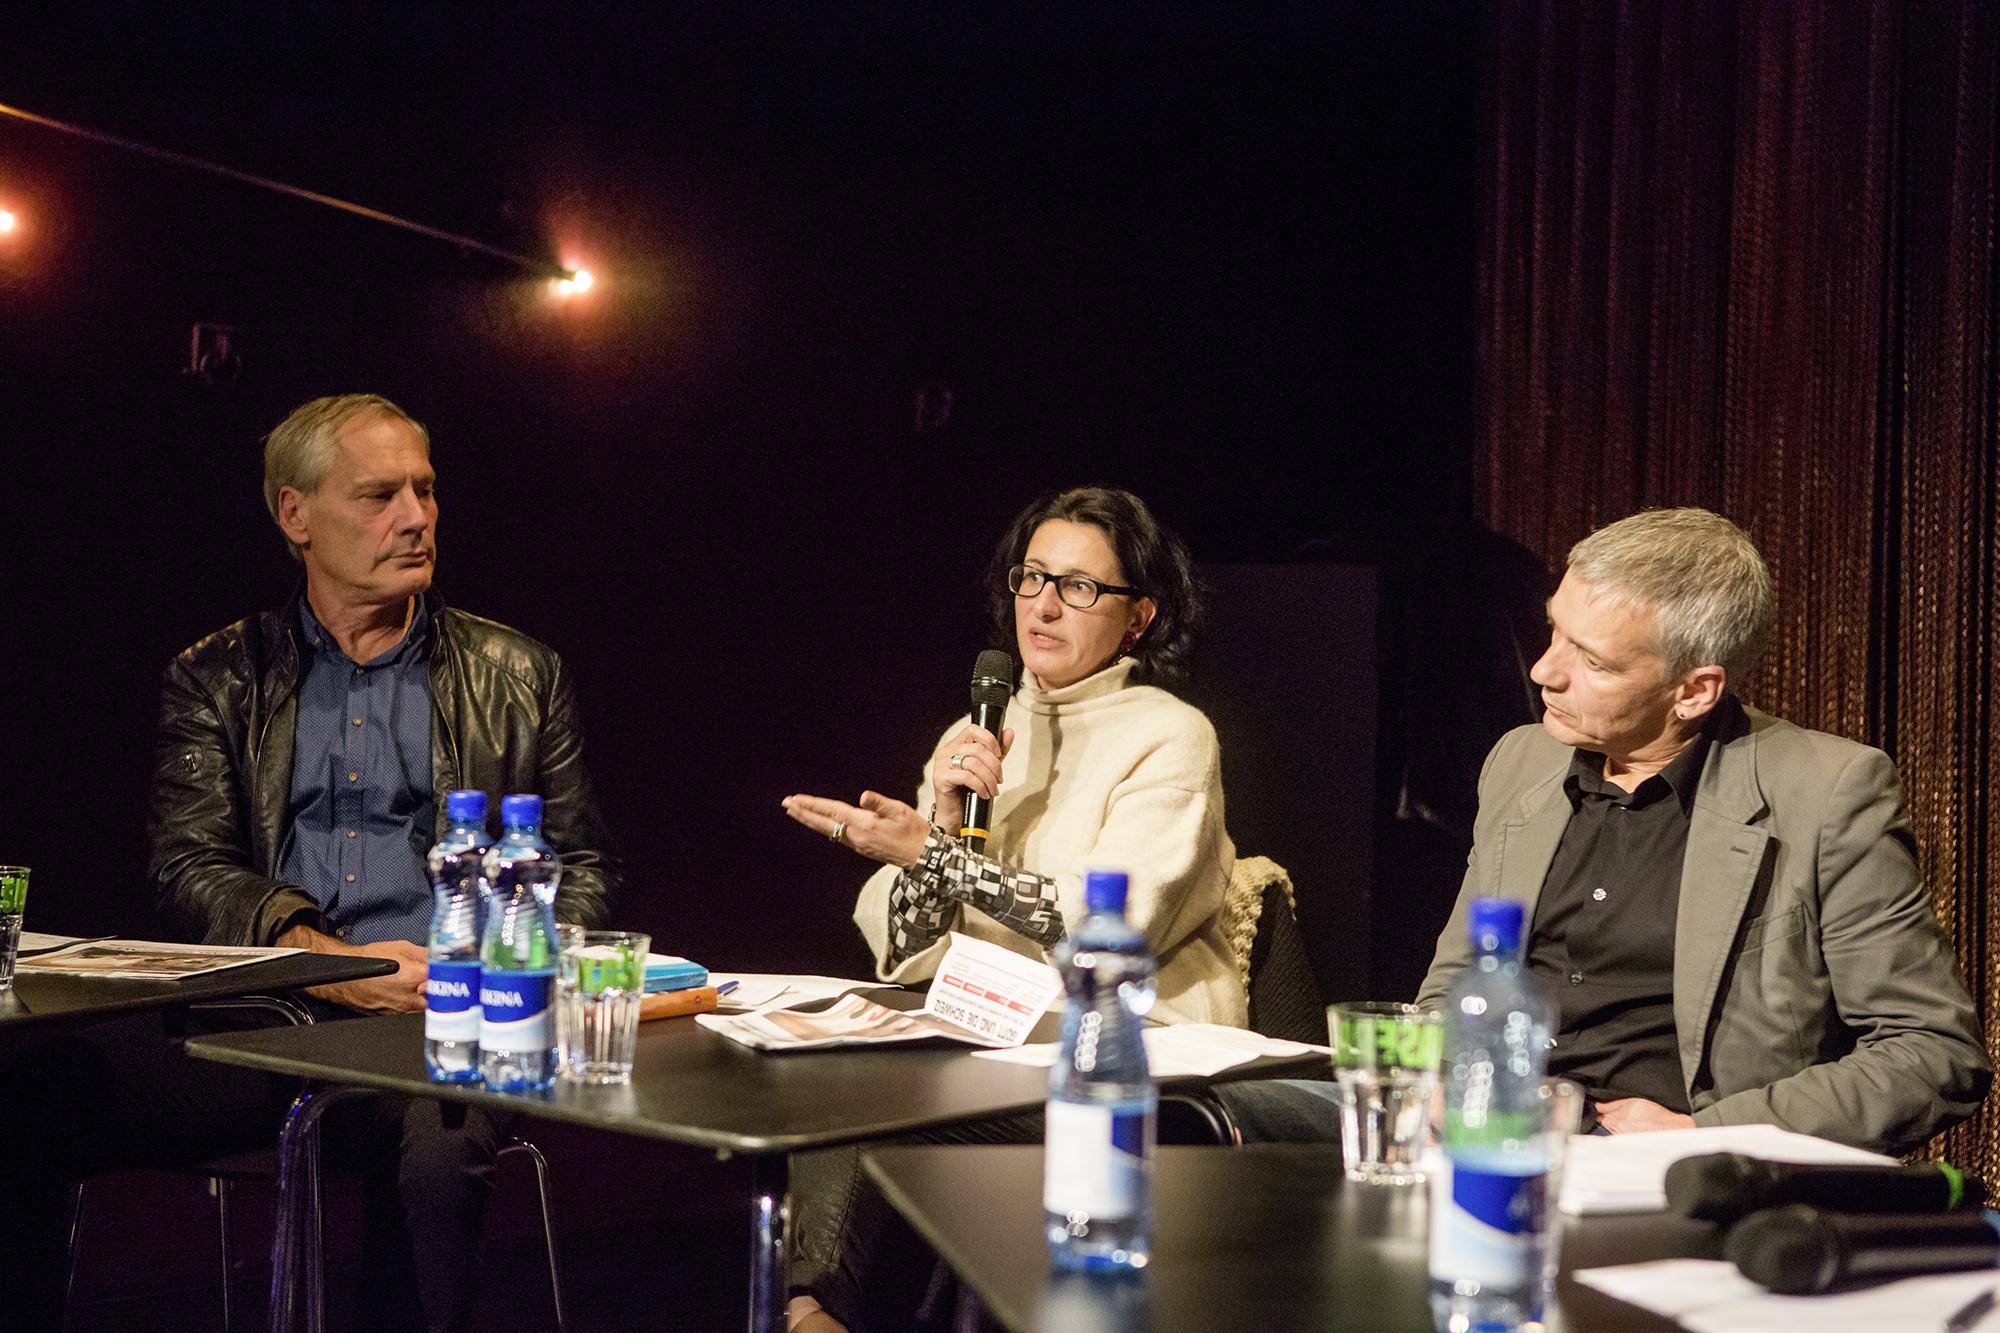 Paola Gallo wünscht sich seitens Behörden und Politiker eine geschlossene Haltung auch dann, wenn keine wirtschaftlichen Interessen im Spiel sind.